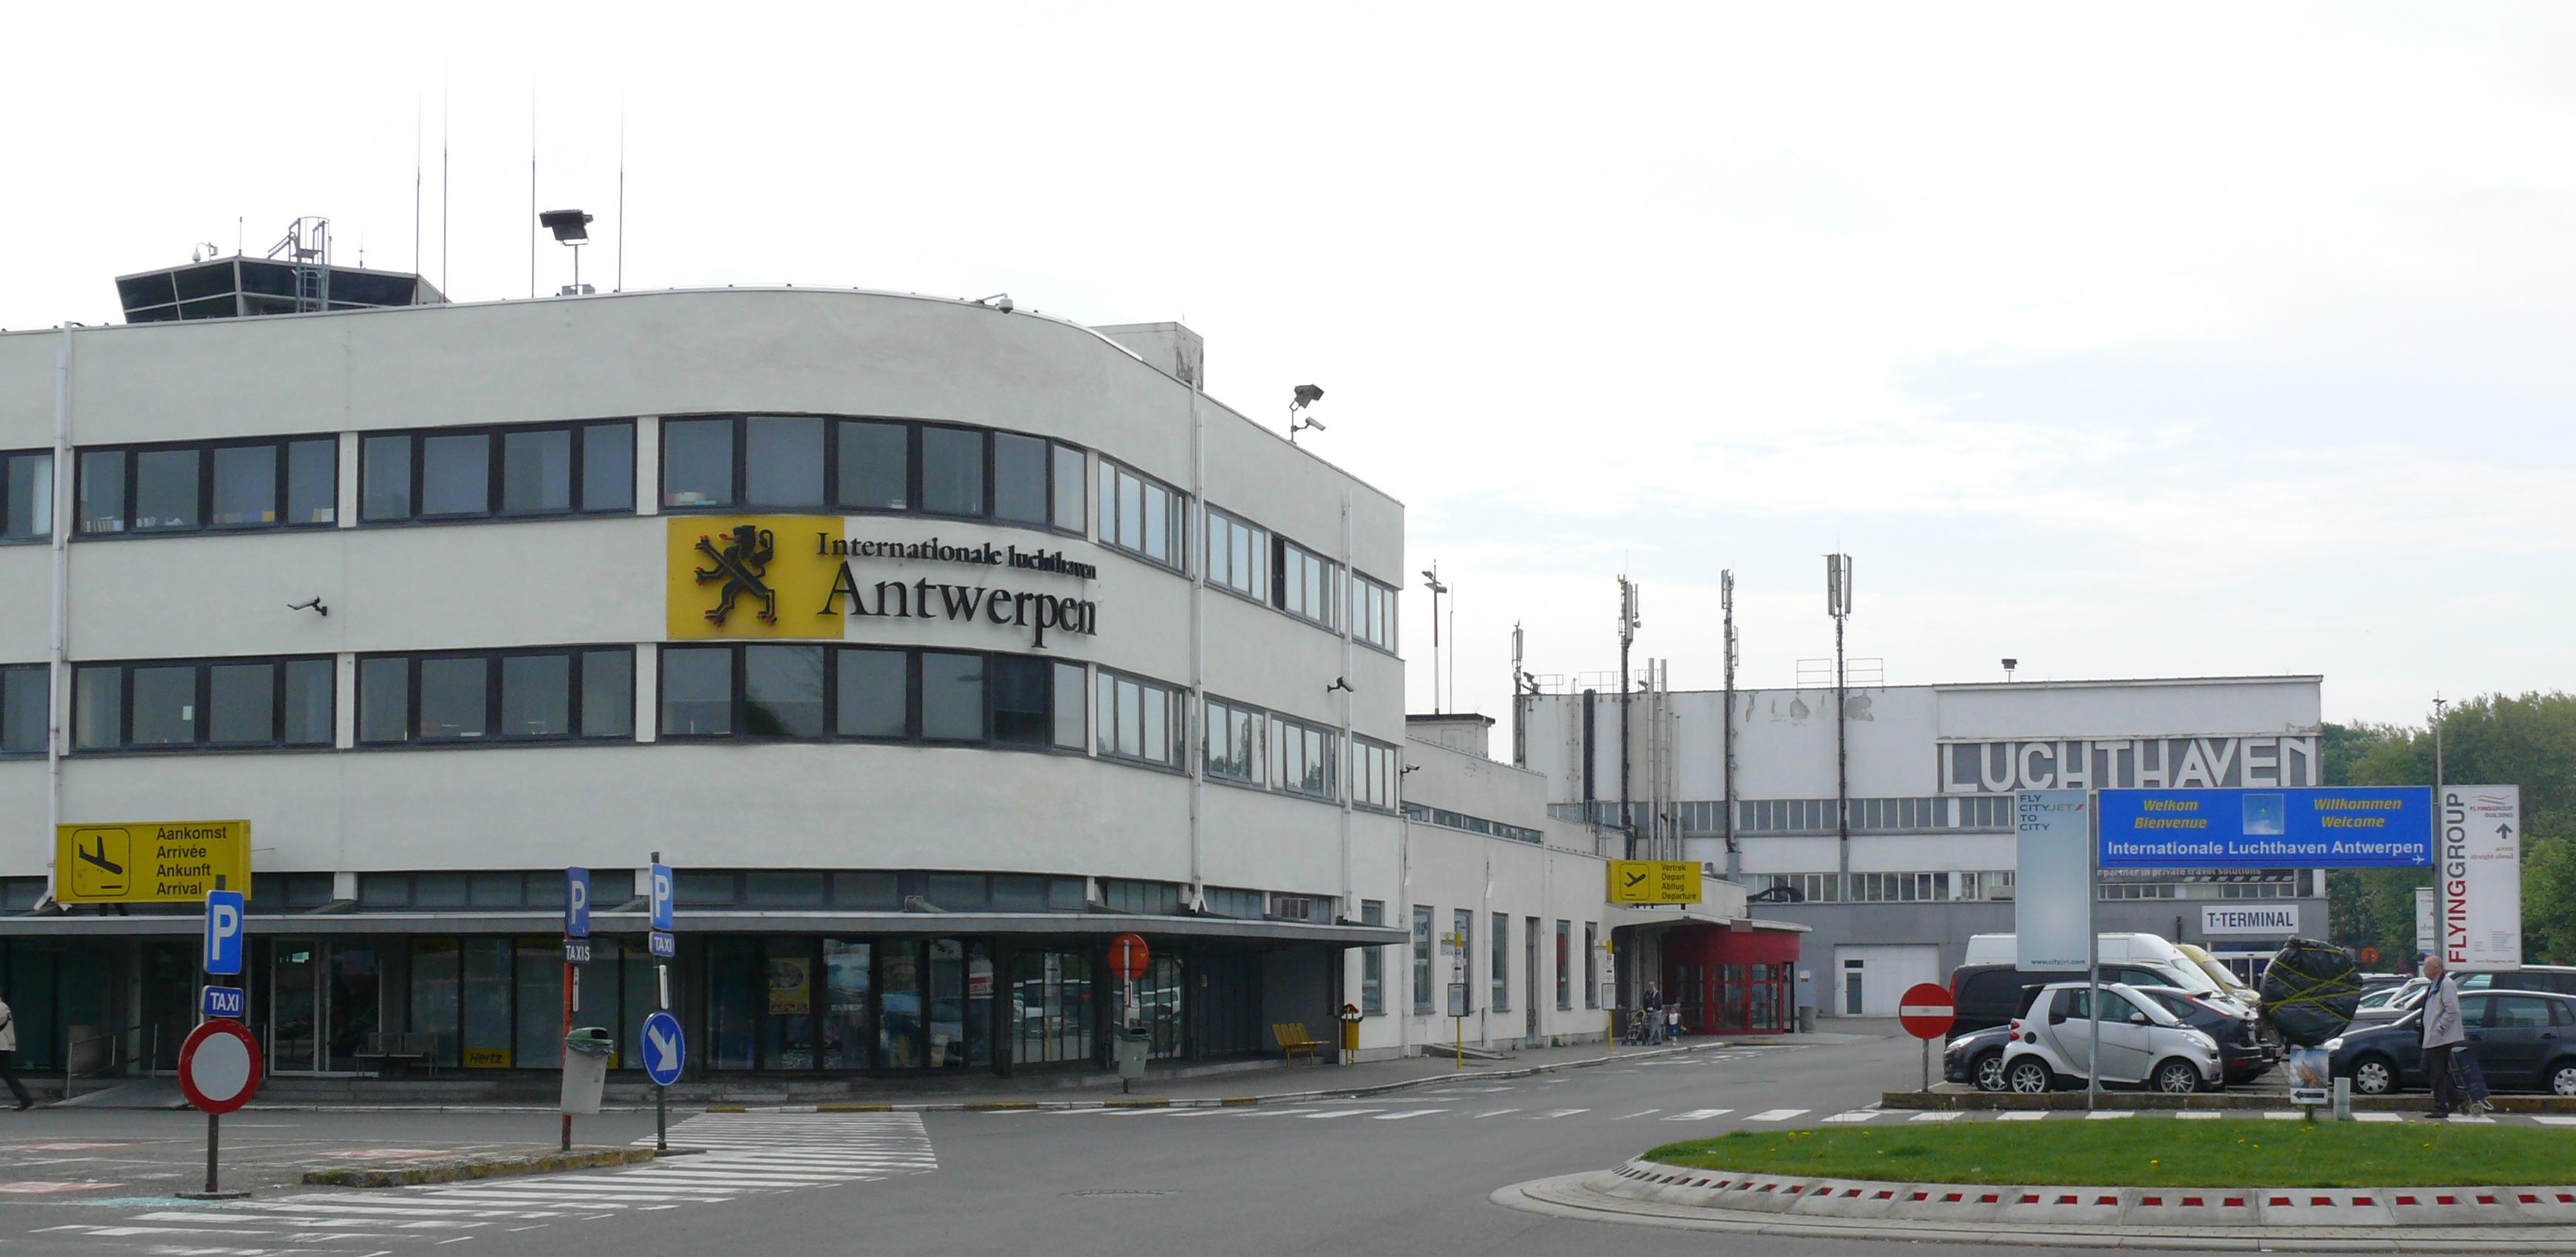 فرودگاه بینالمللی آنتورپ